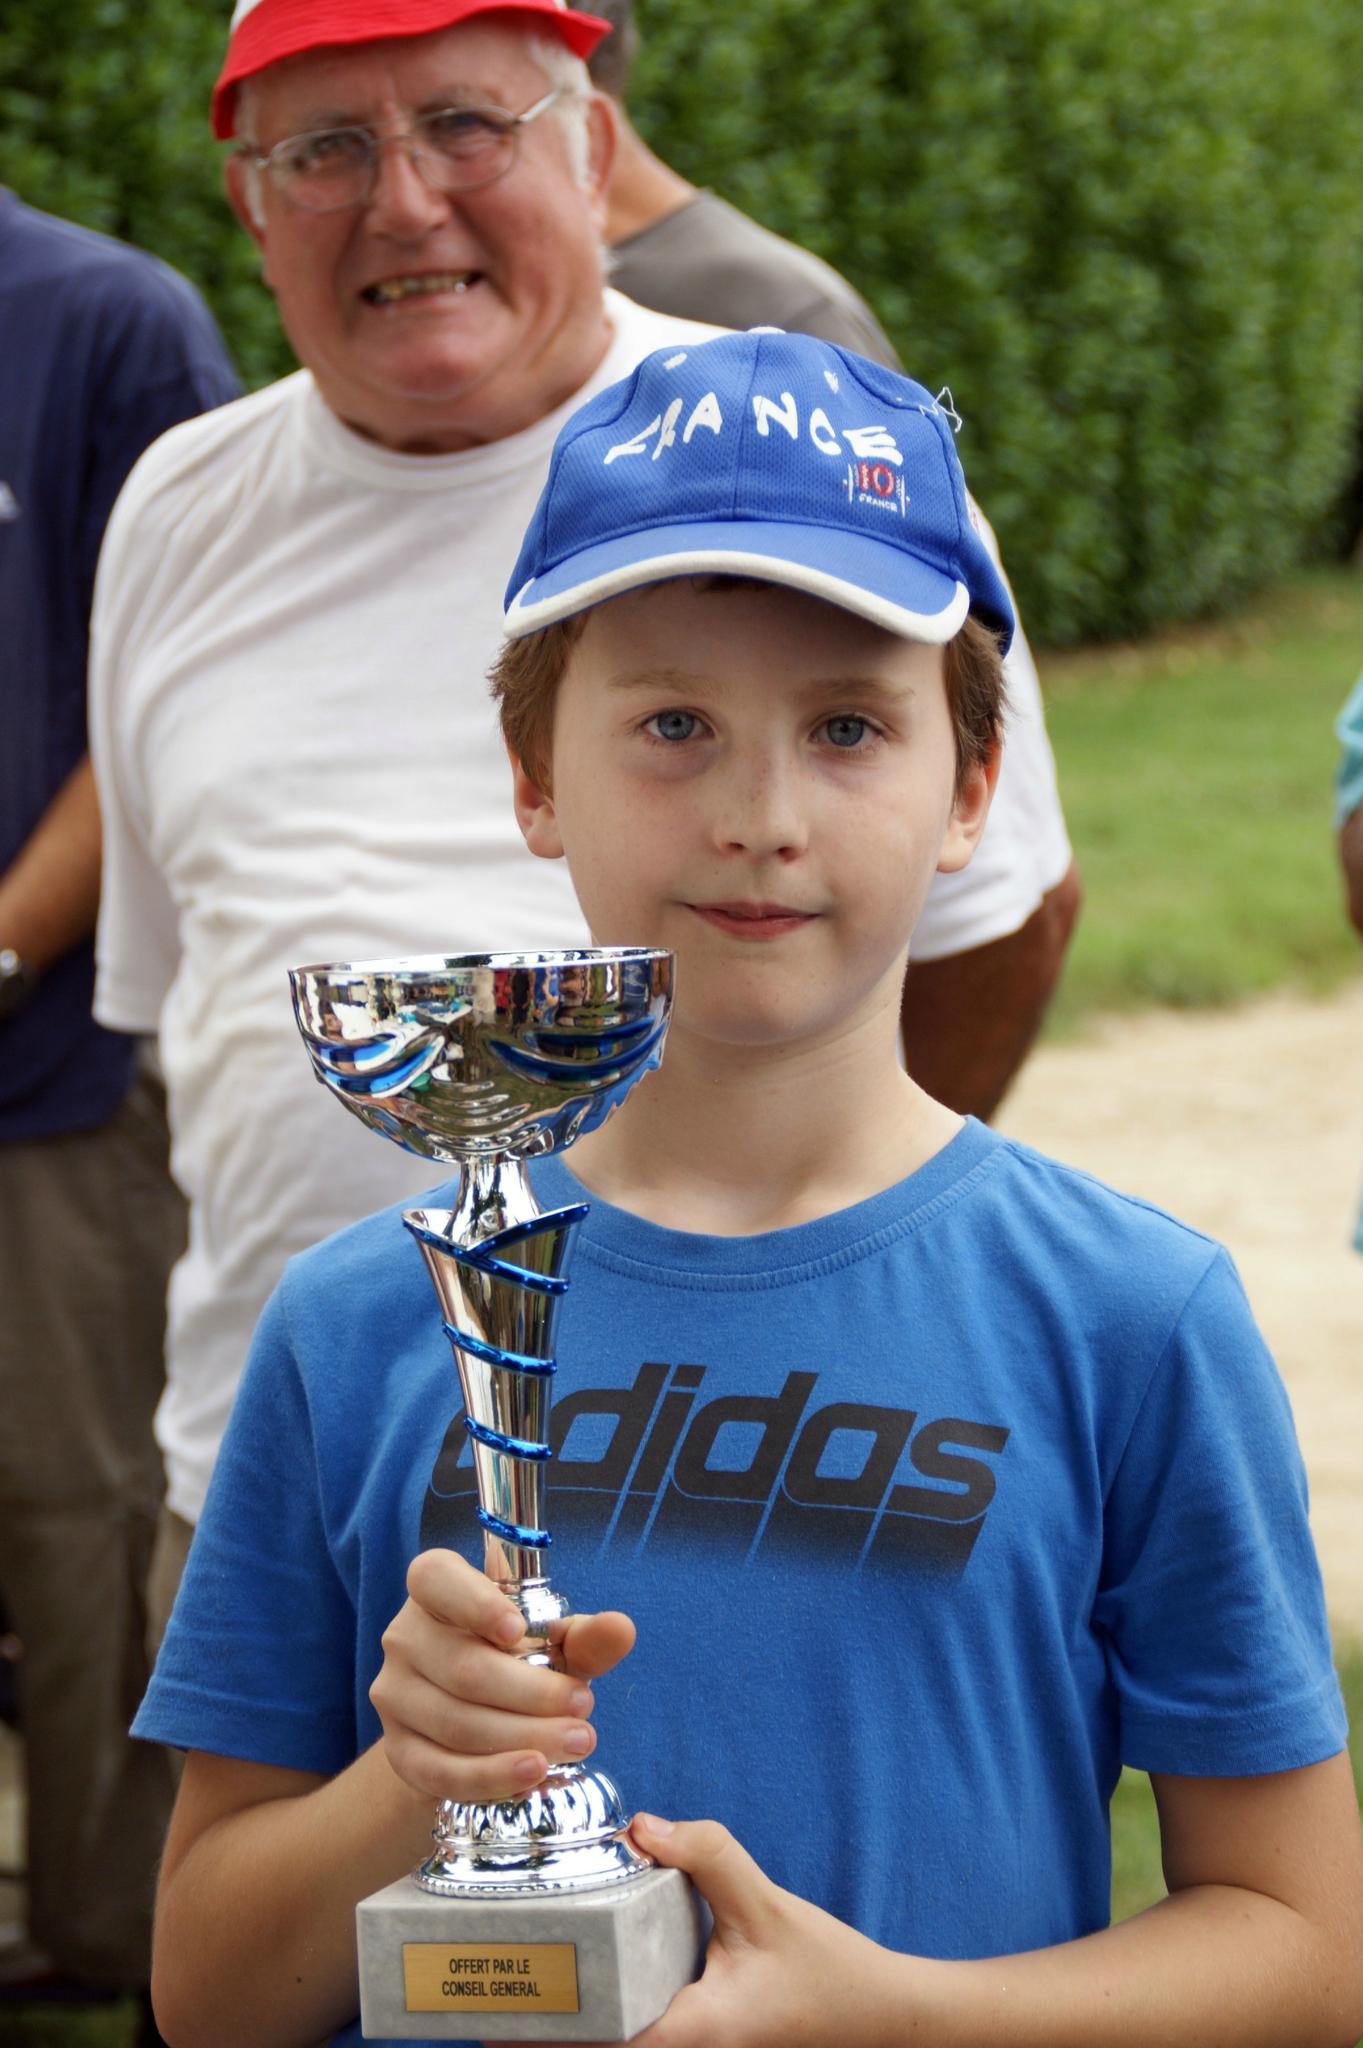 Concours de pêche 19 juillet 2014 (28)